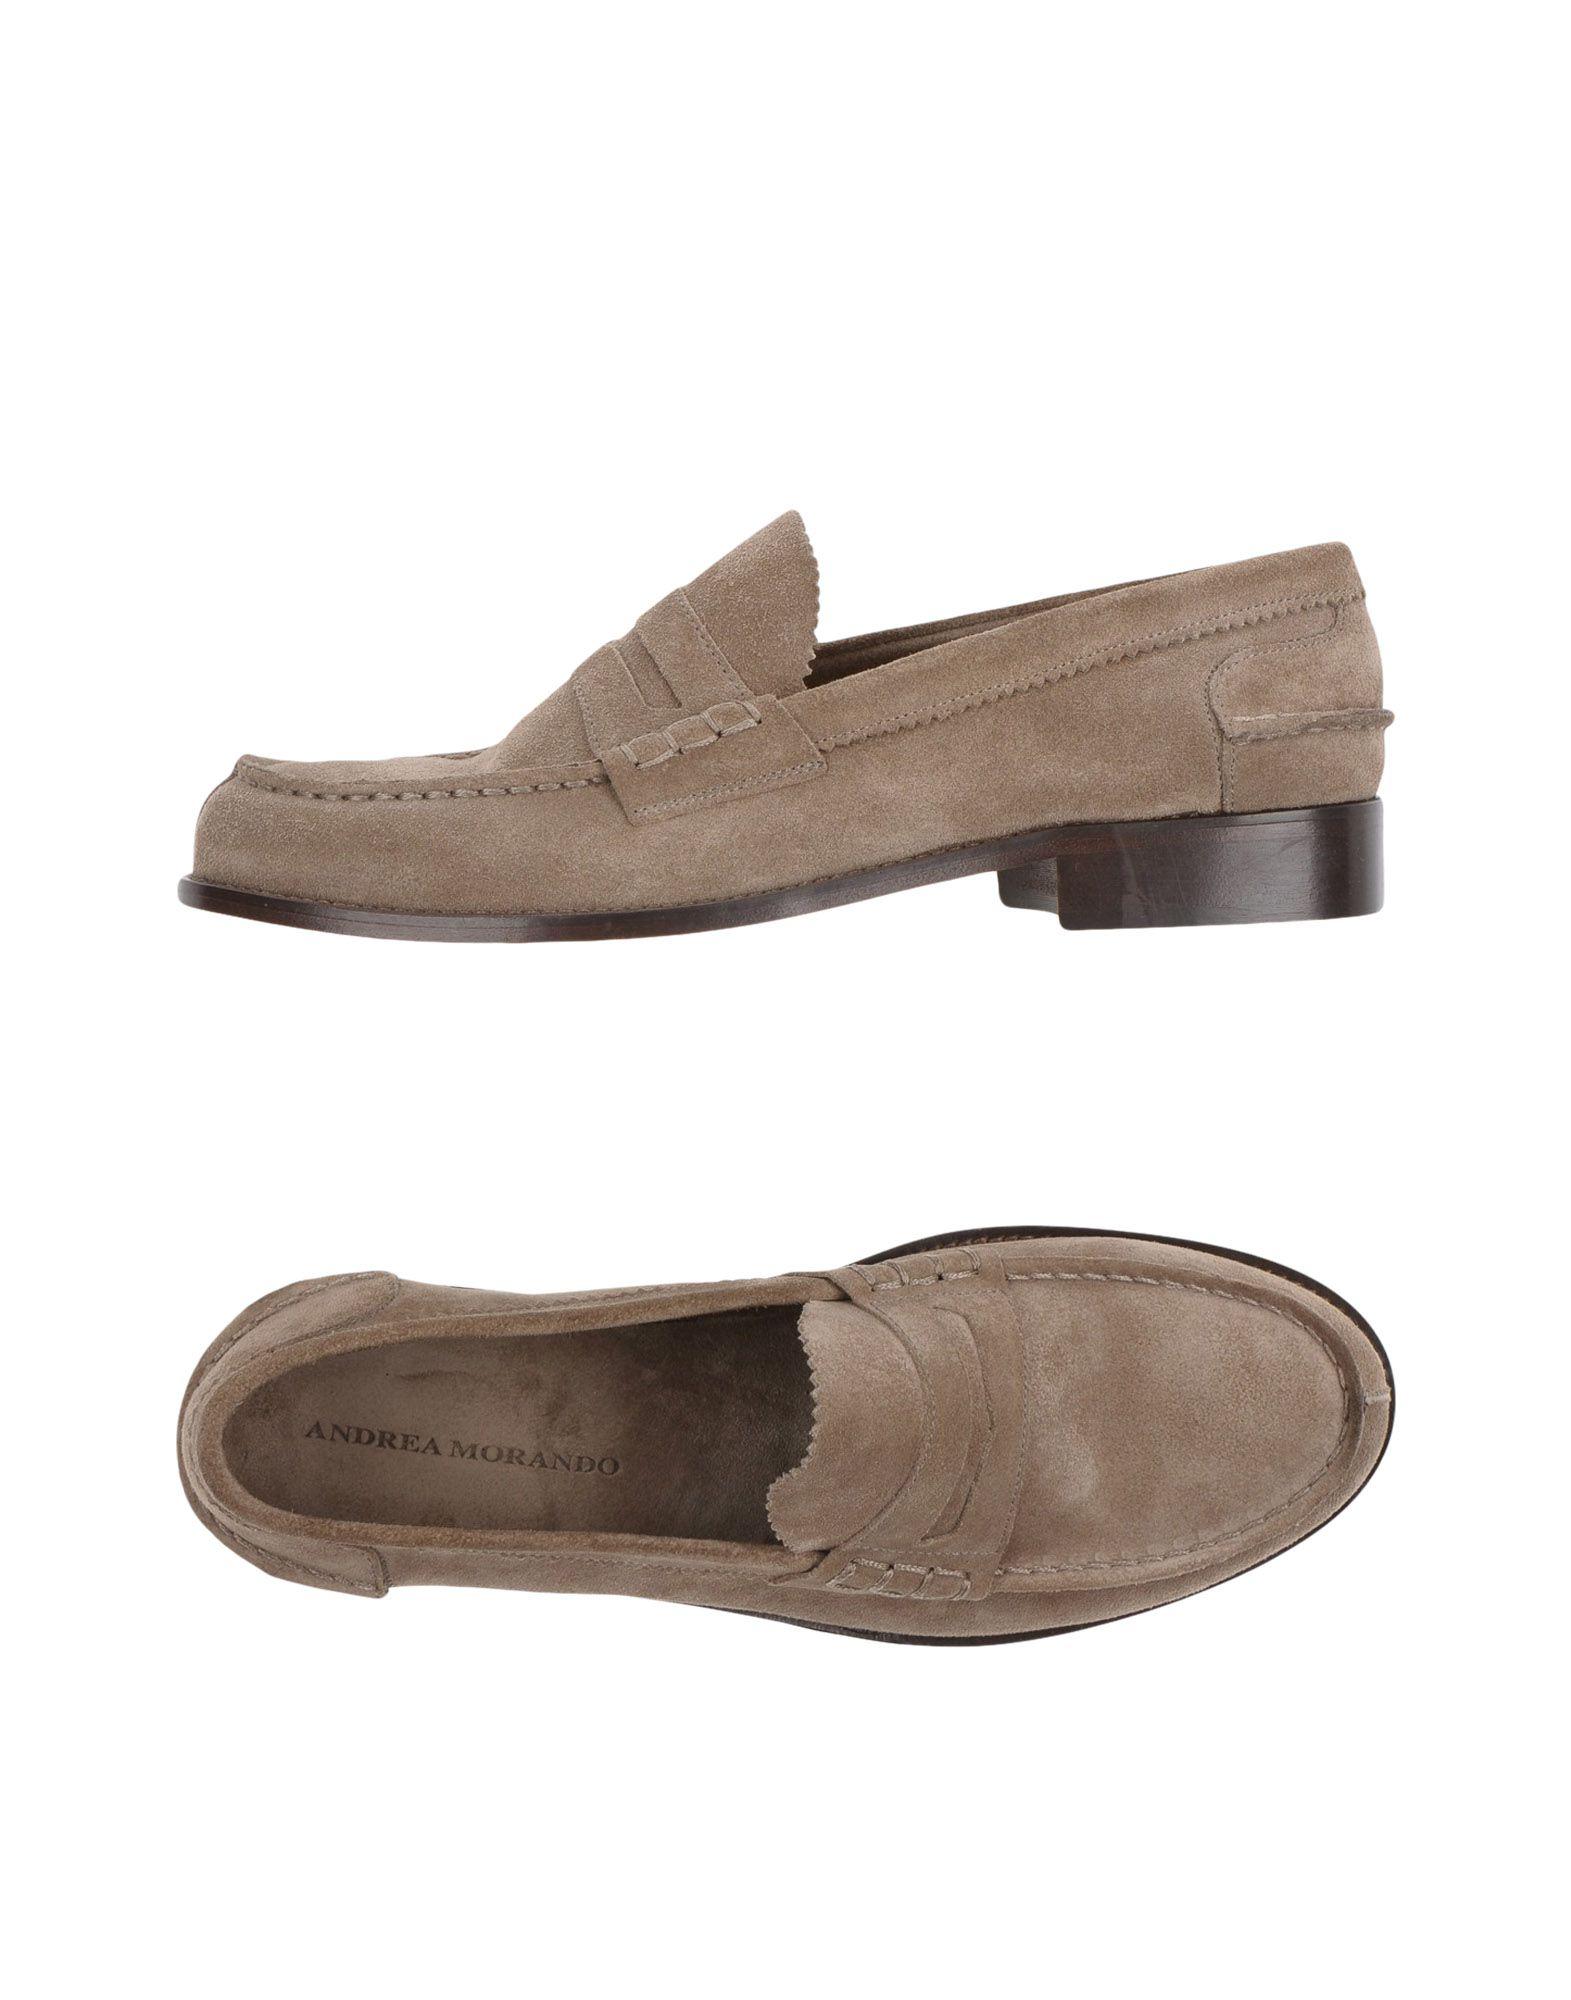 Rabatt echte Schuhe Andrea Morando Mokassins Herren  11359834BK